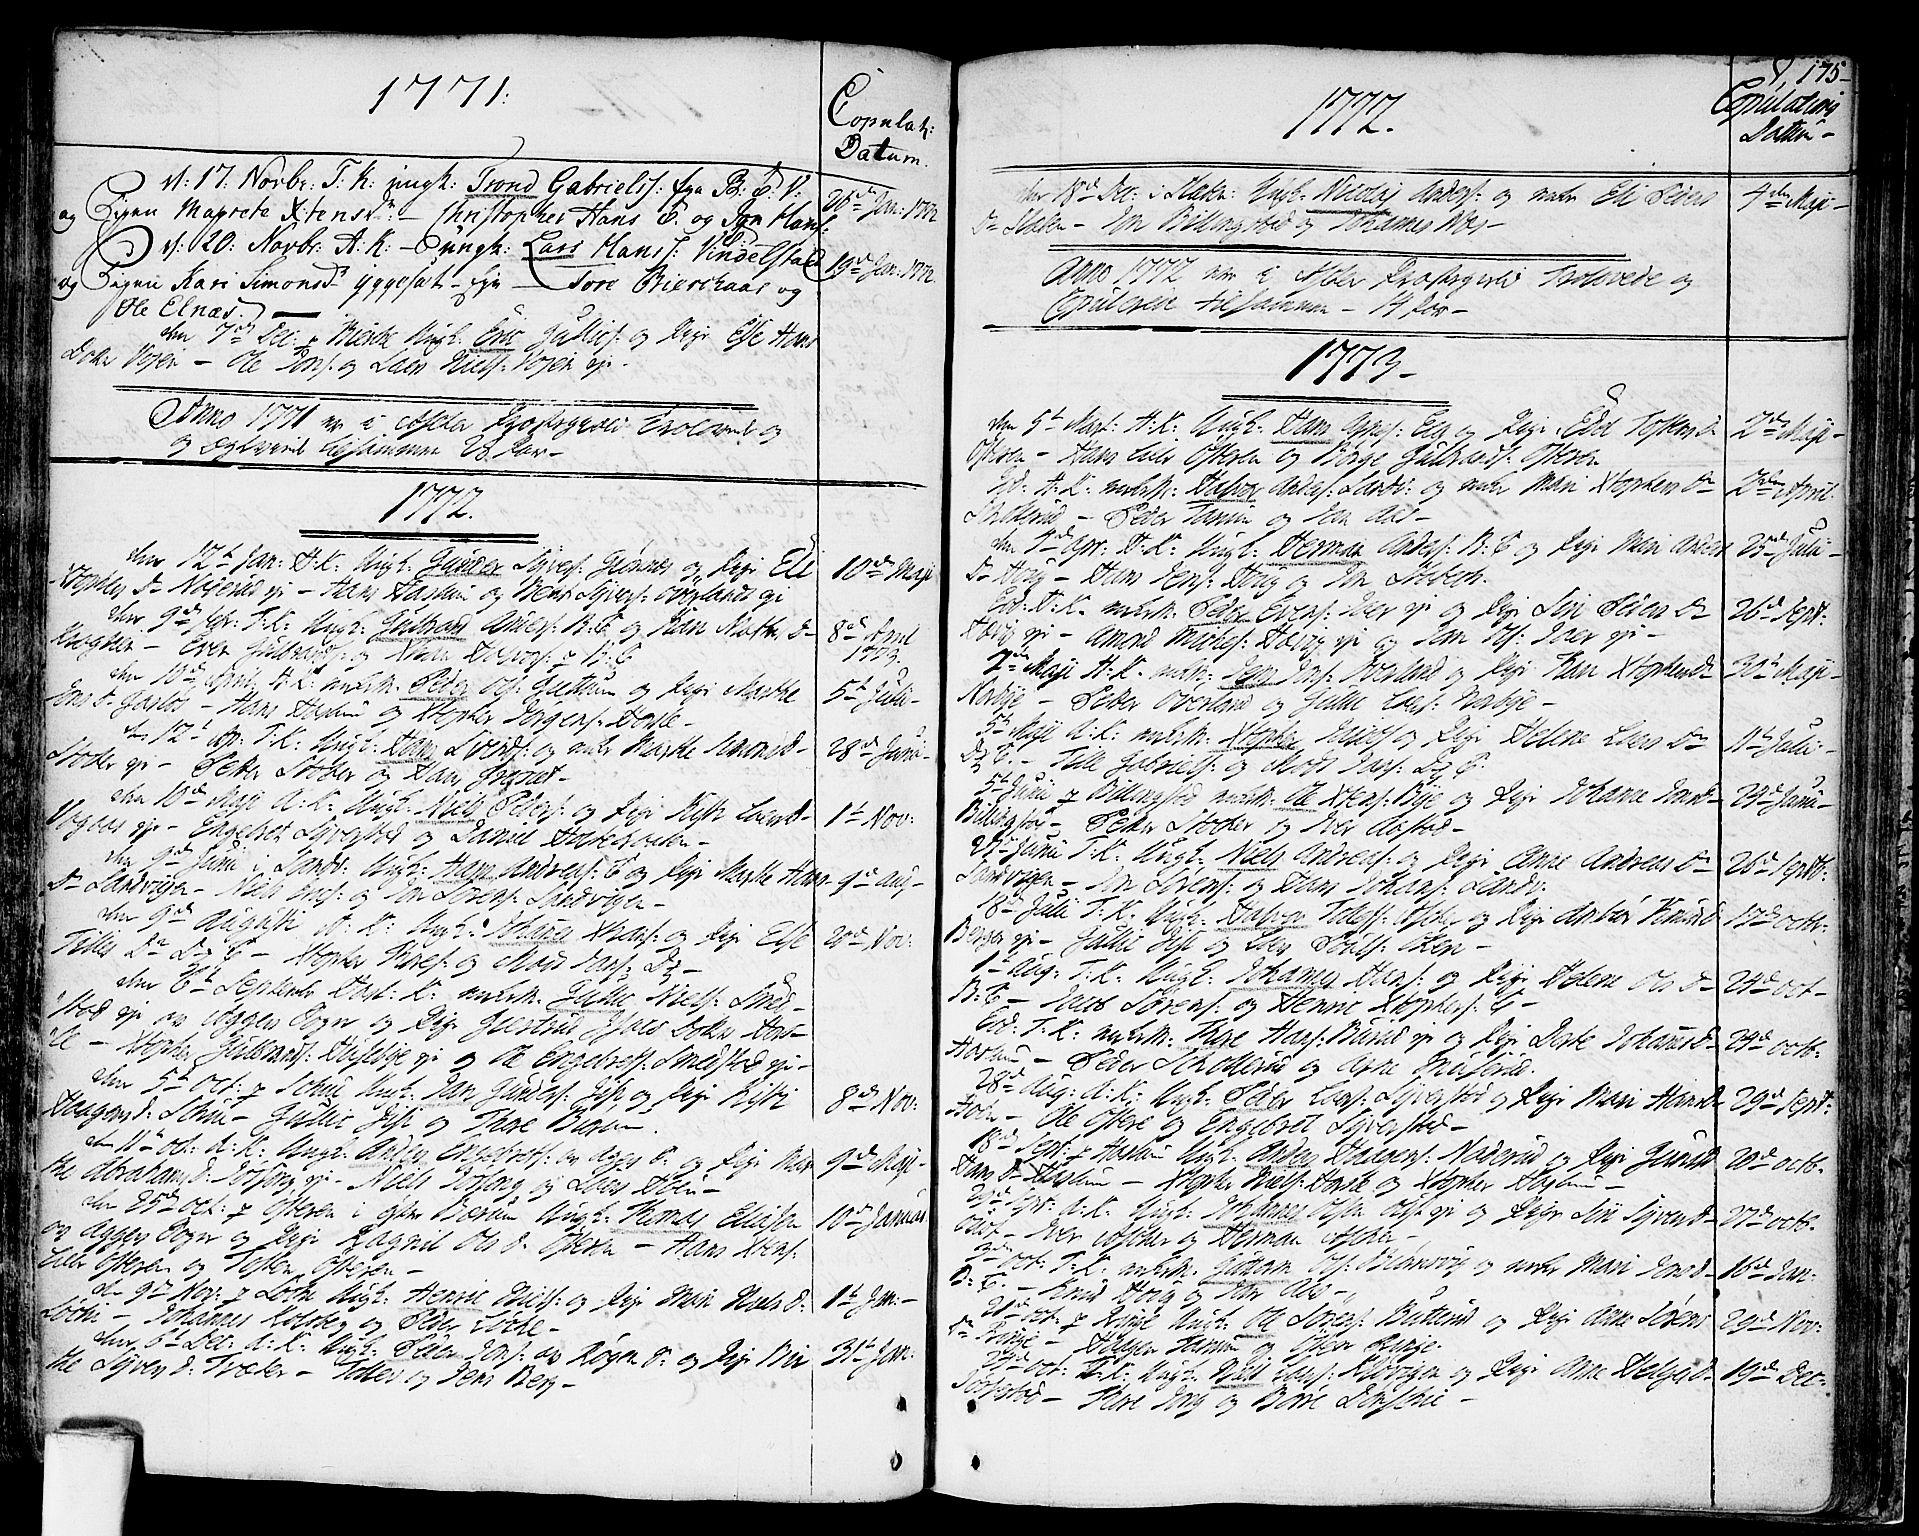 SAO, Asker prestekontor Kirkebøker, F/Fa/L0003: Ministerialbok nr. I 3, 1767-1807, s. 175